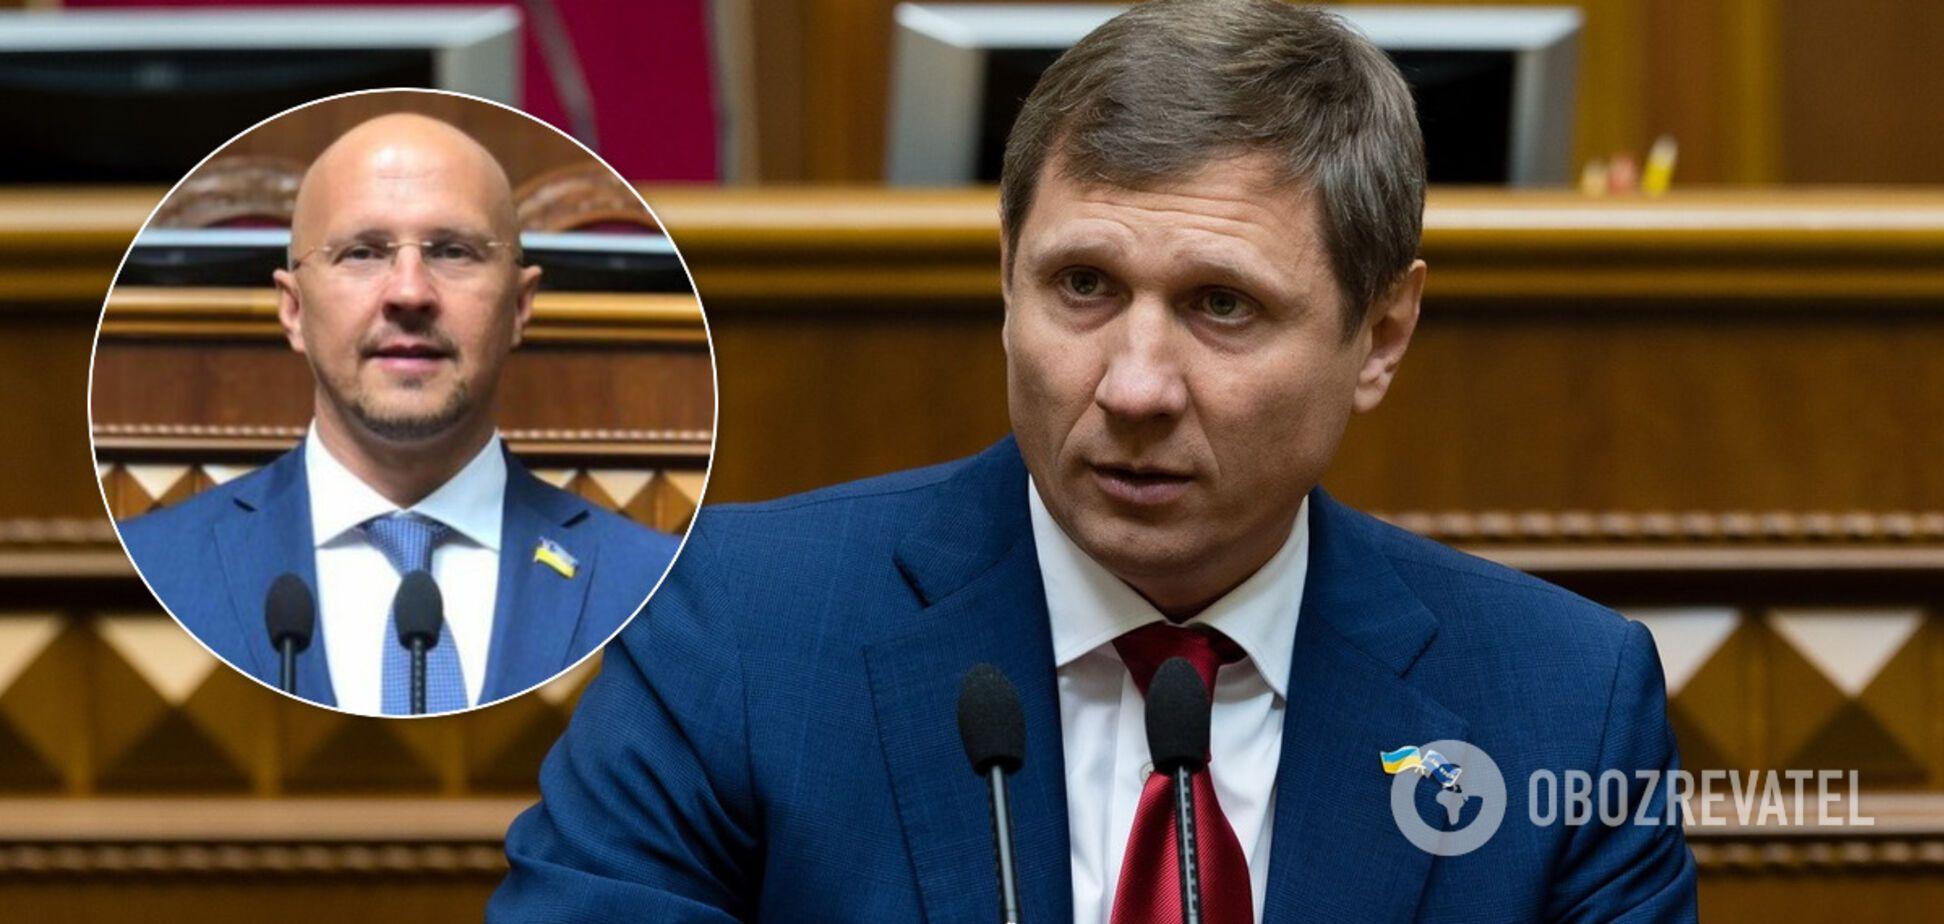 Шахов заявил о коронавирусе у своего соратника Вельможного: тот отрицает